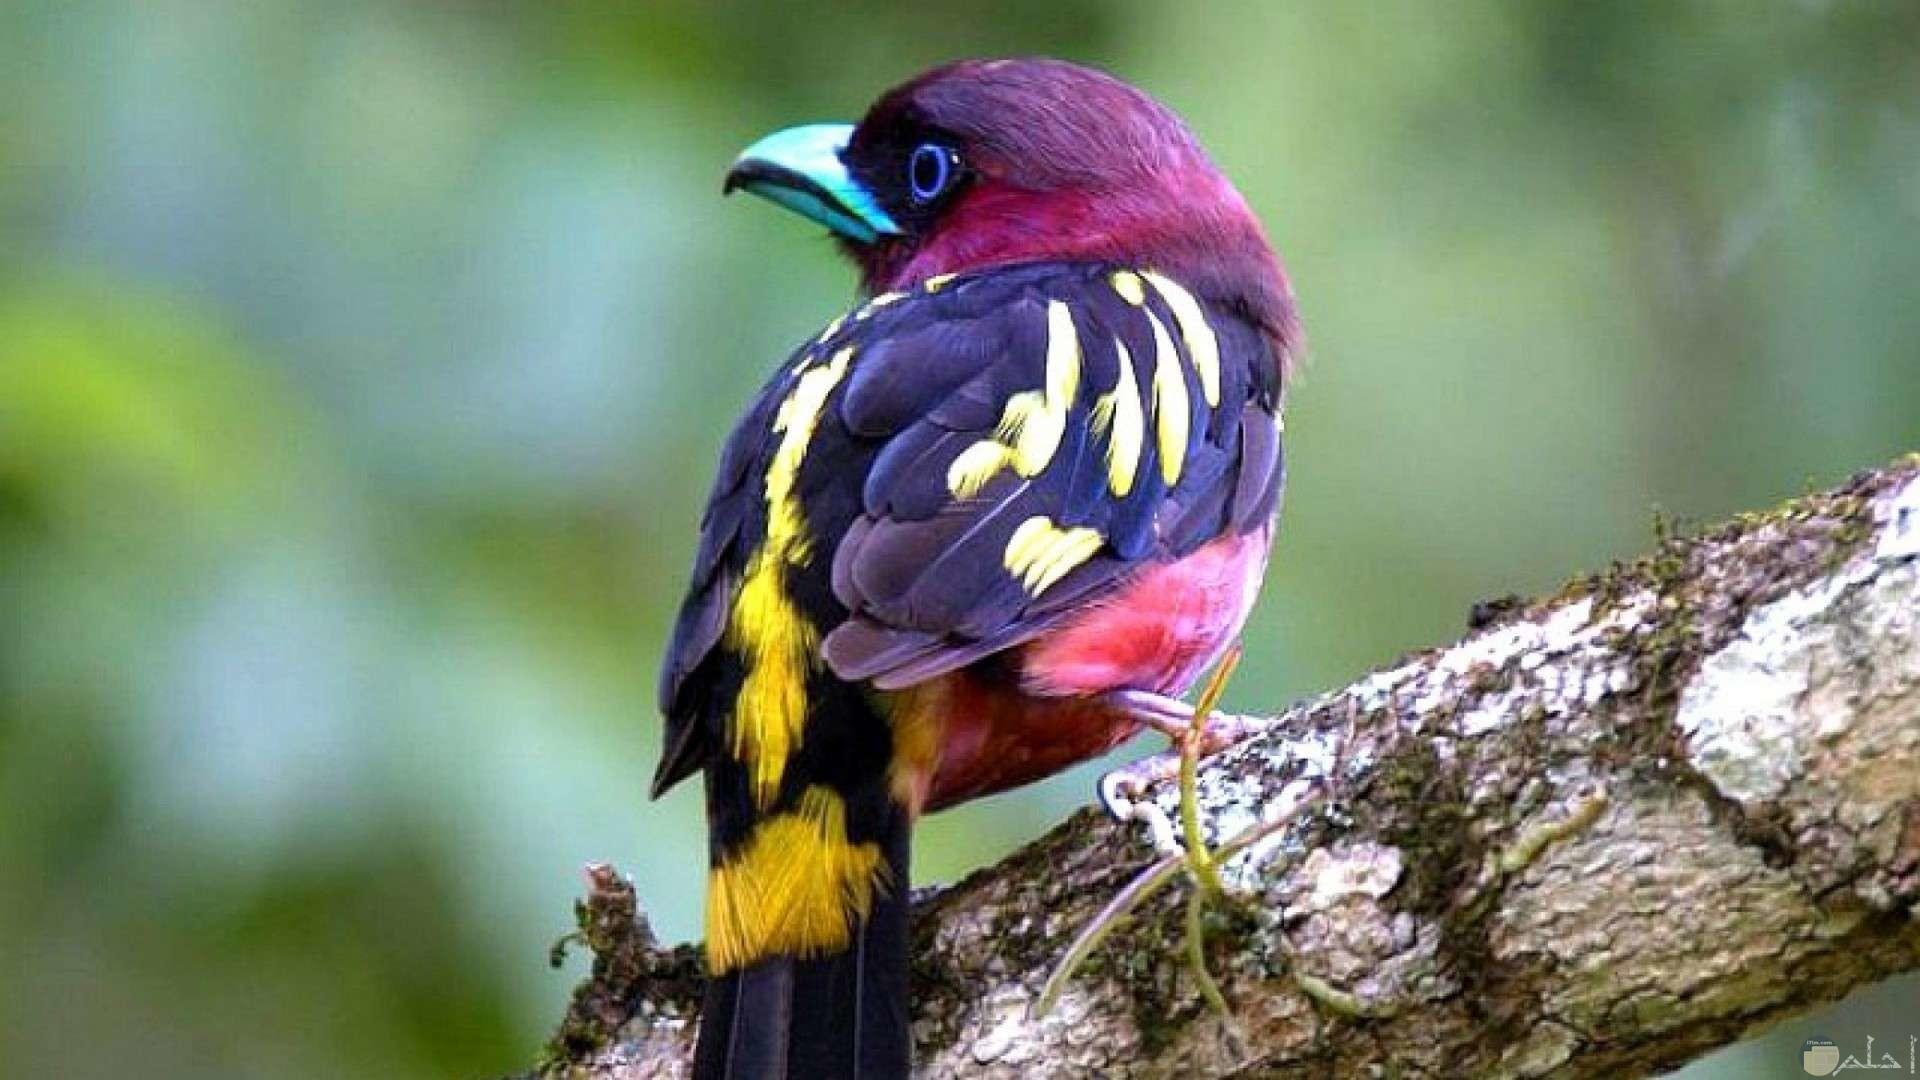 أجمل عصافير الكناريا حول العالم بألوانها المميزة النادرة.